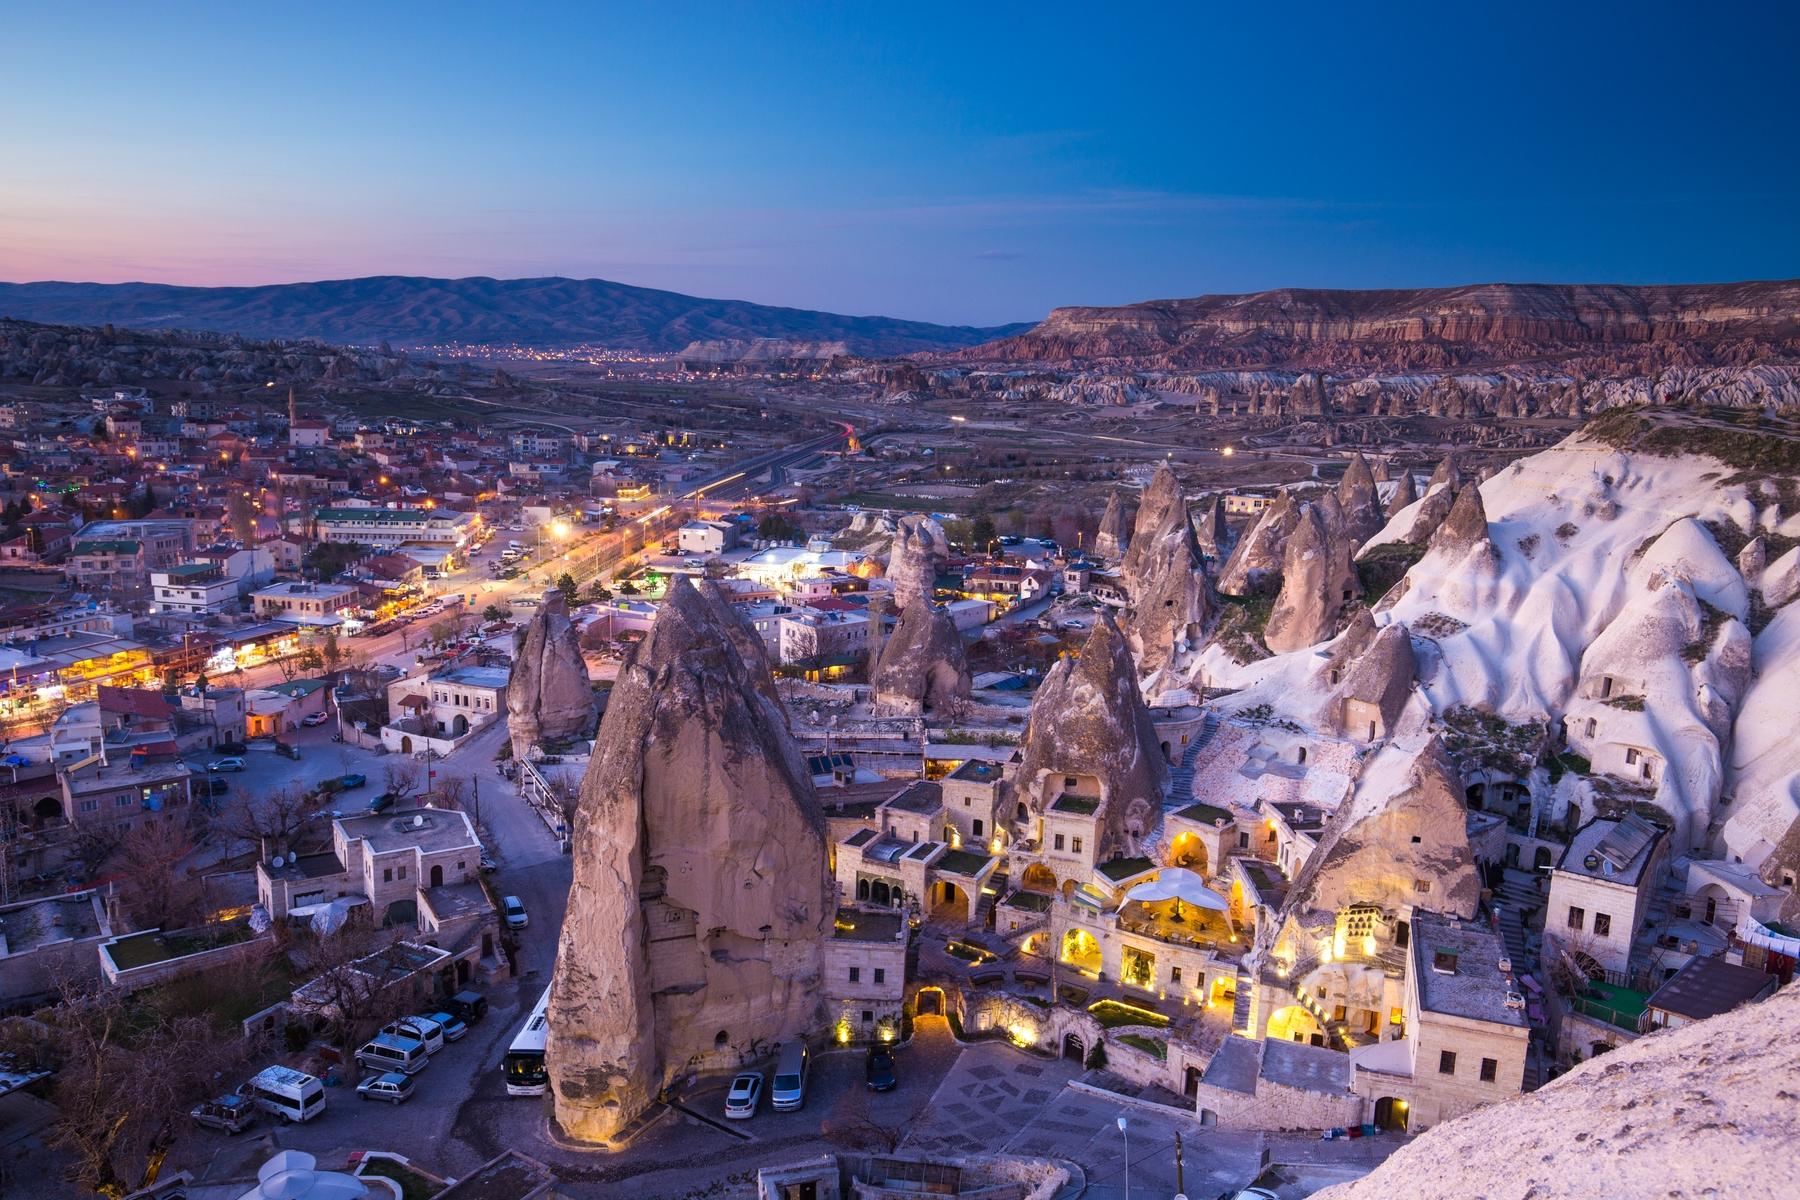 Часовни скального городка Гереме в Турции, вырубленные в пещерах